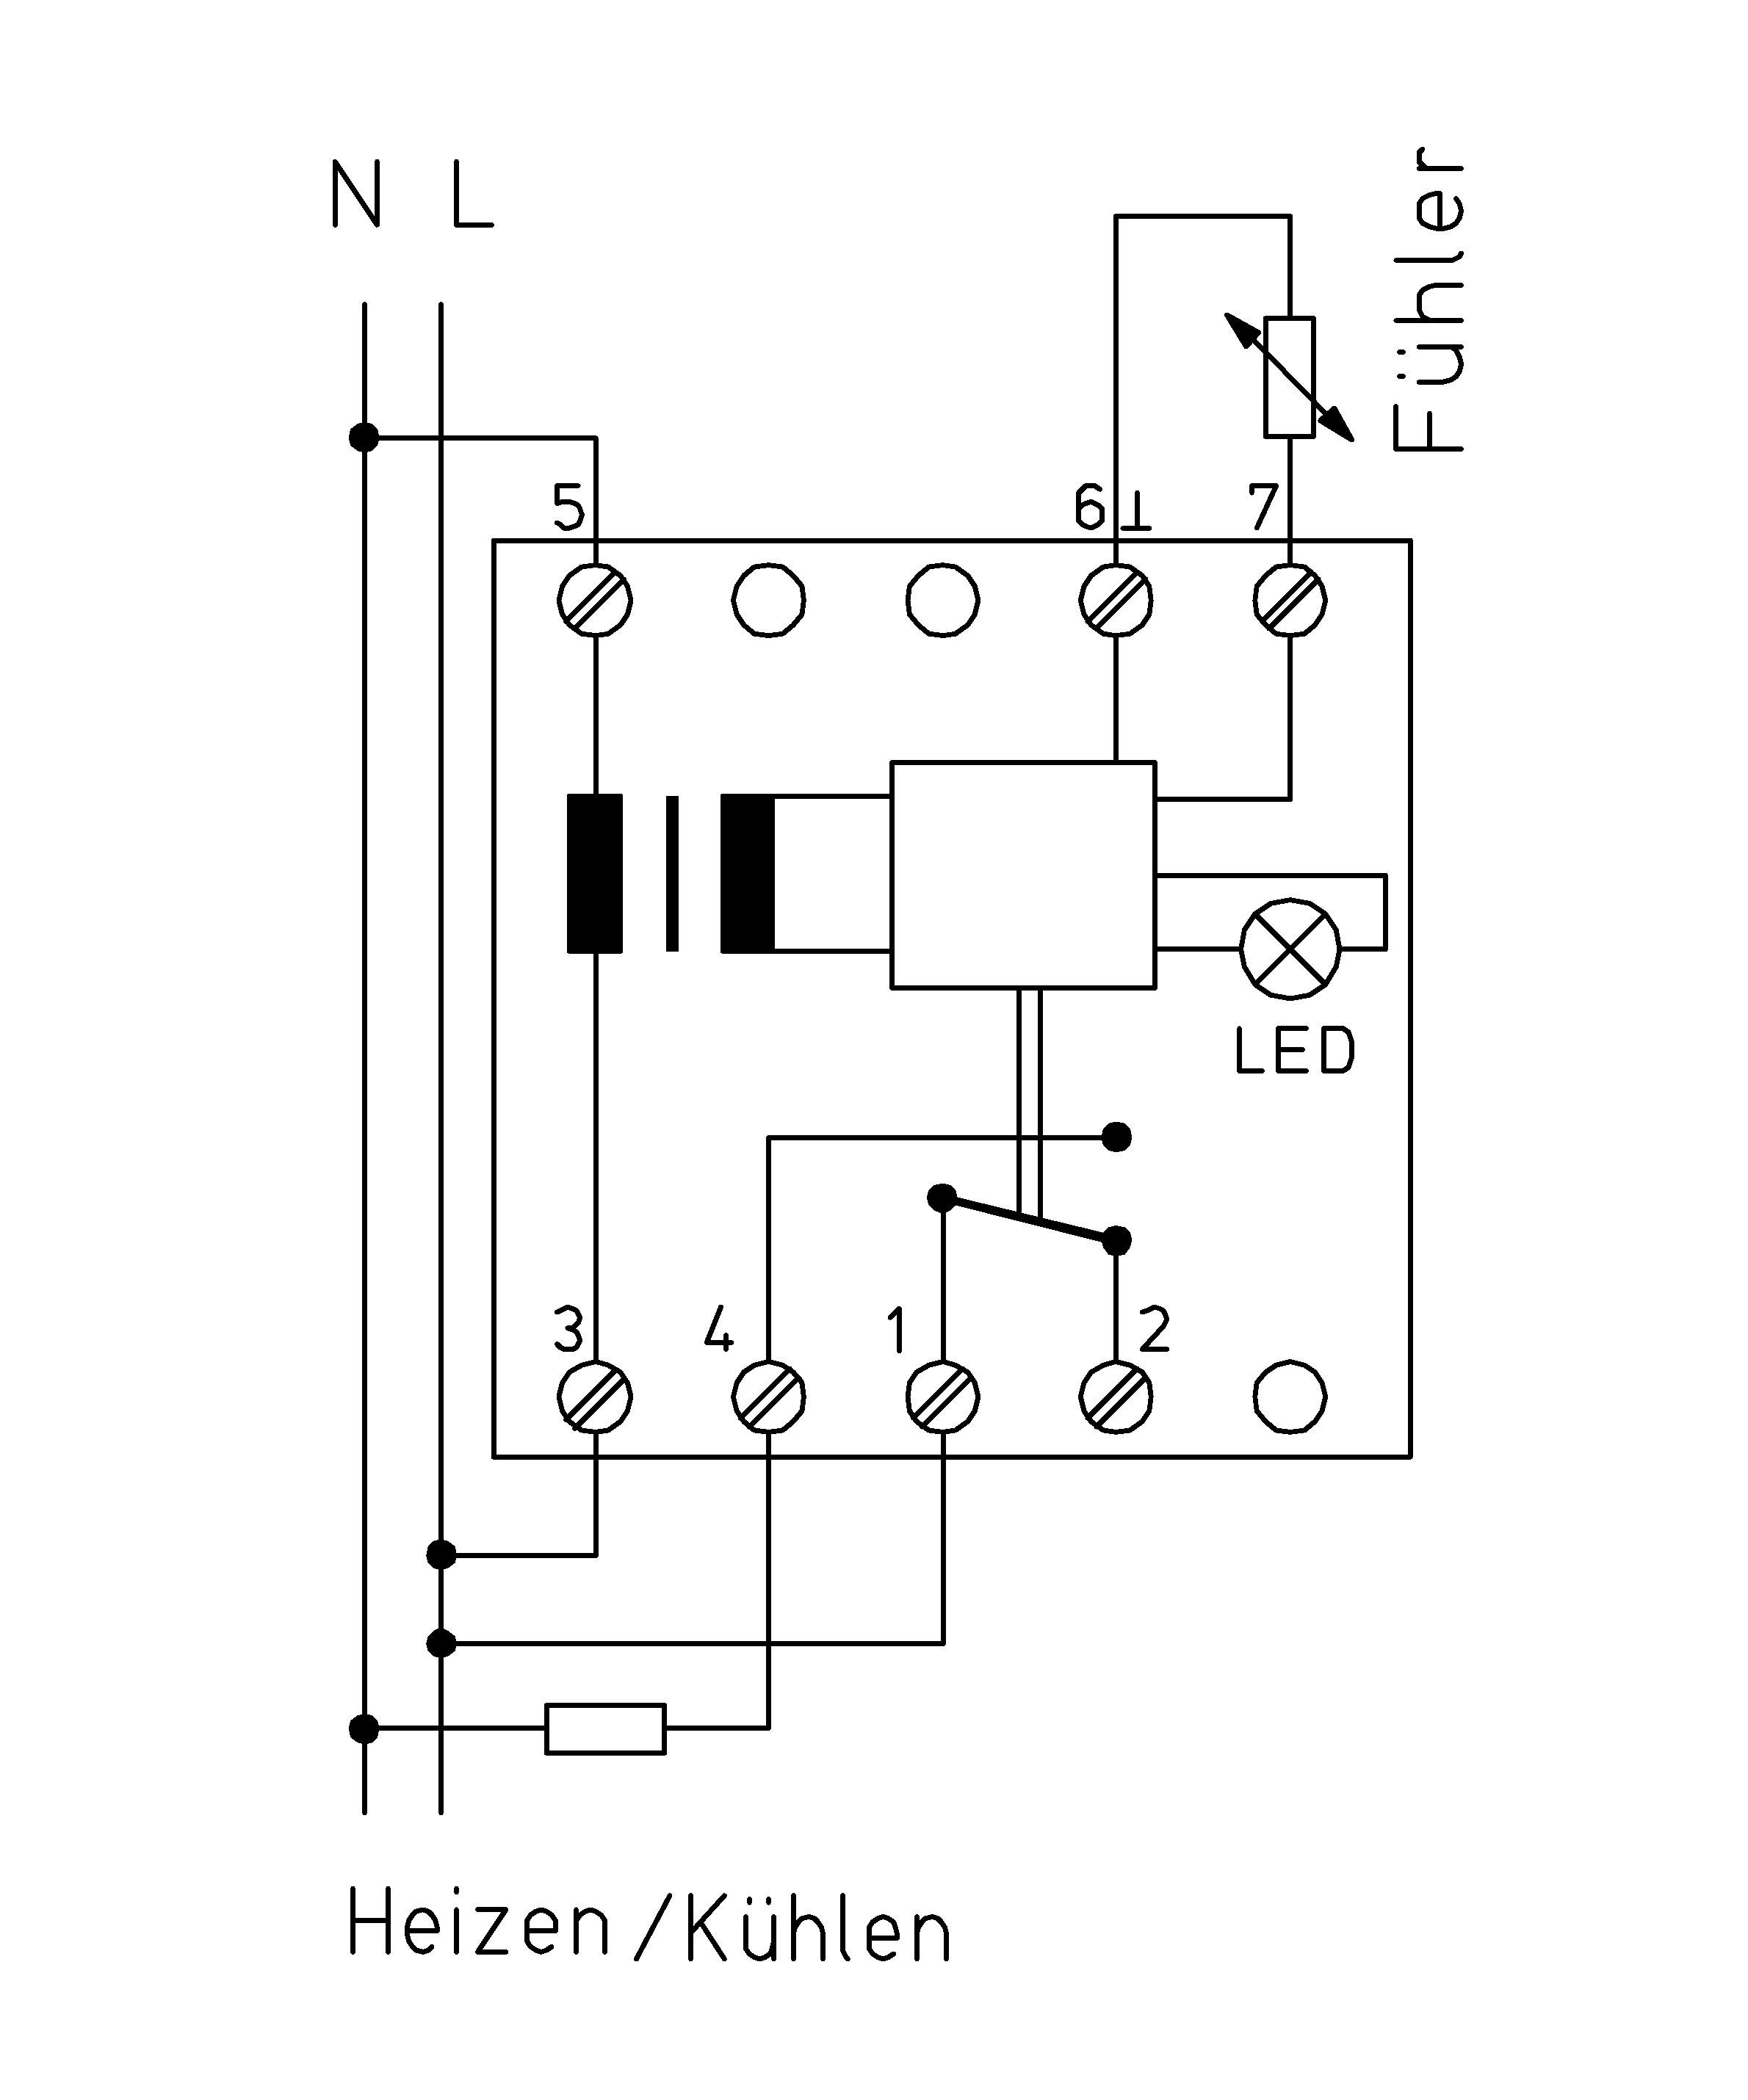 D4780155 Circuit diagram